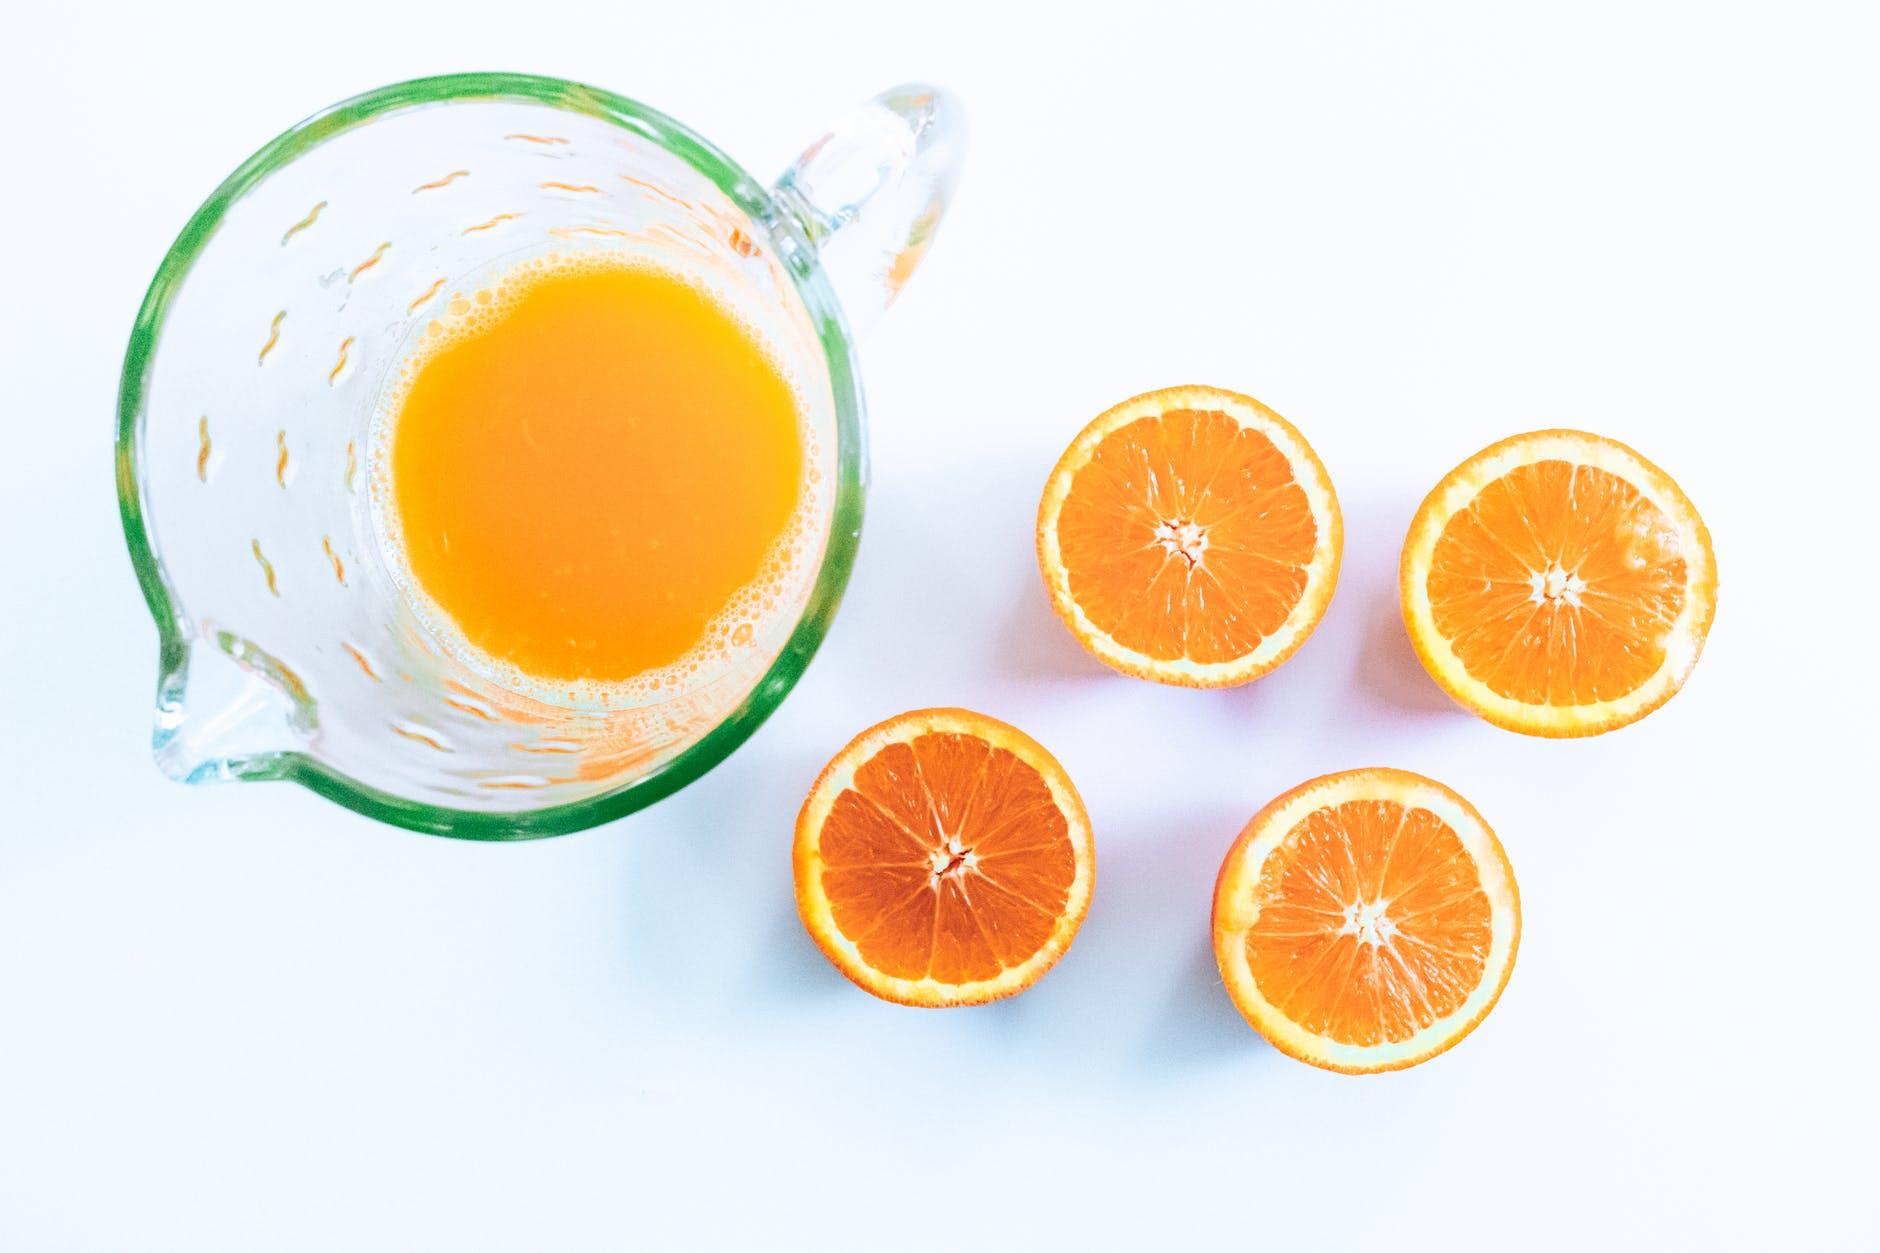 frouta-mithoi-geonutrition